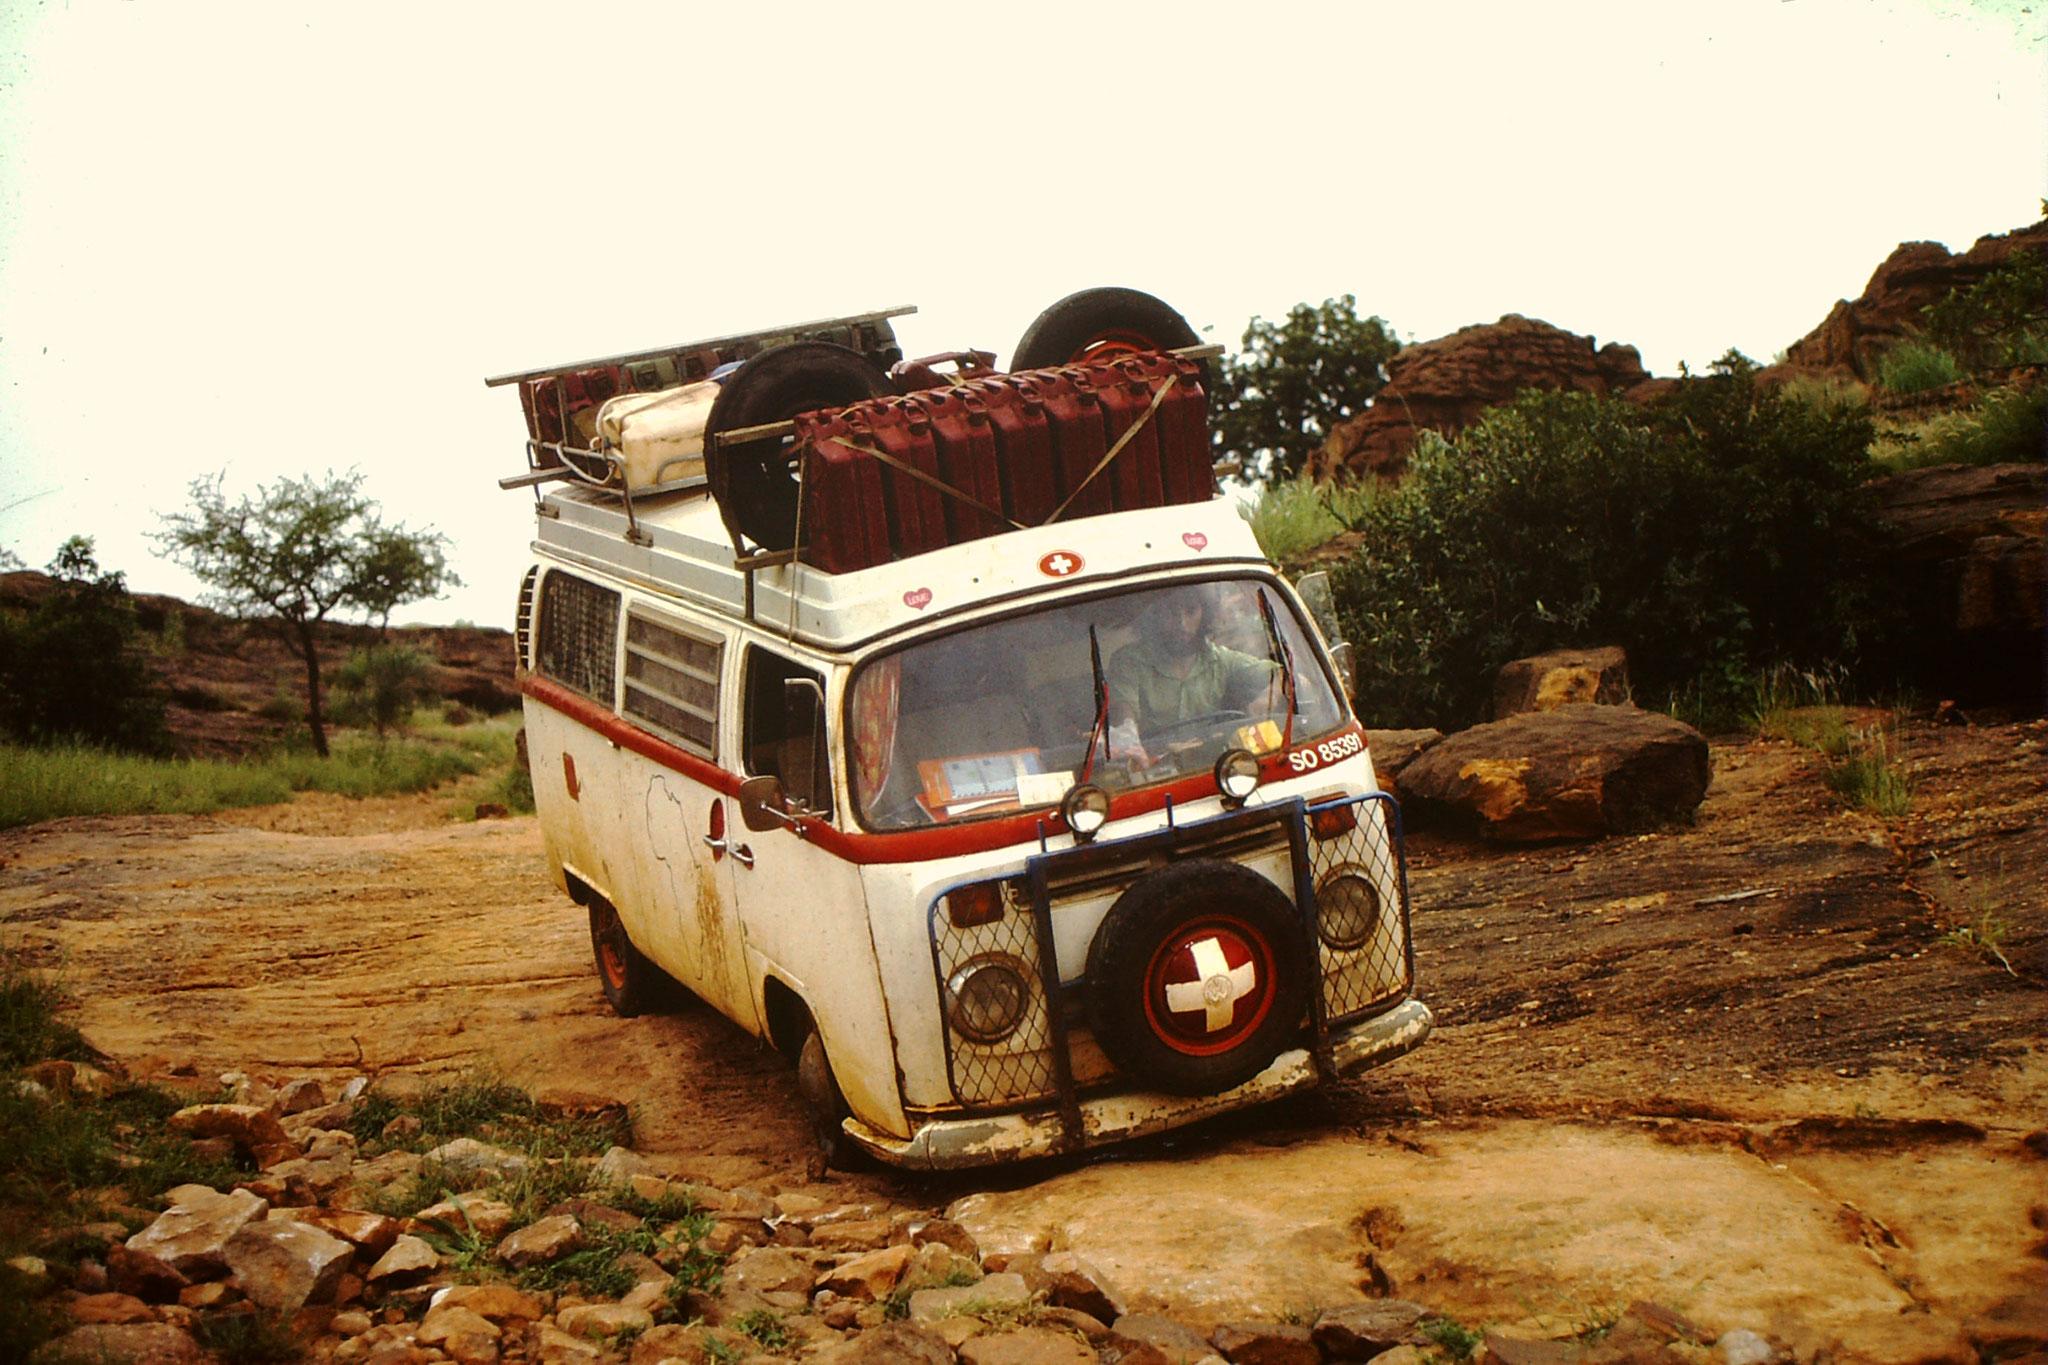 Wir fragten den Missionar ob es denn keinen Weg direkt nach Obervolta gäbe. Wir wollten aber nicht über San nach Bobo Dioulasso fahren. Er sagte uns, dass es ein Weg gäbe, via Falise de Bandiagara. Diesen Weg könne man aber nur mit einem Landrover ode